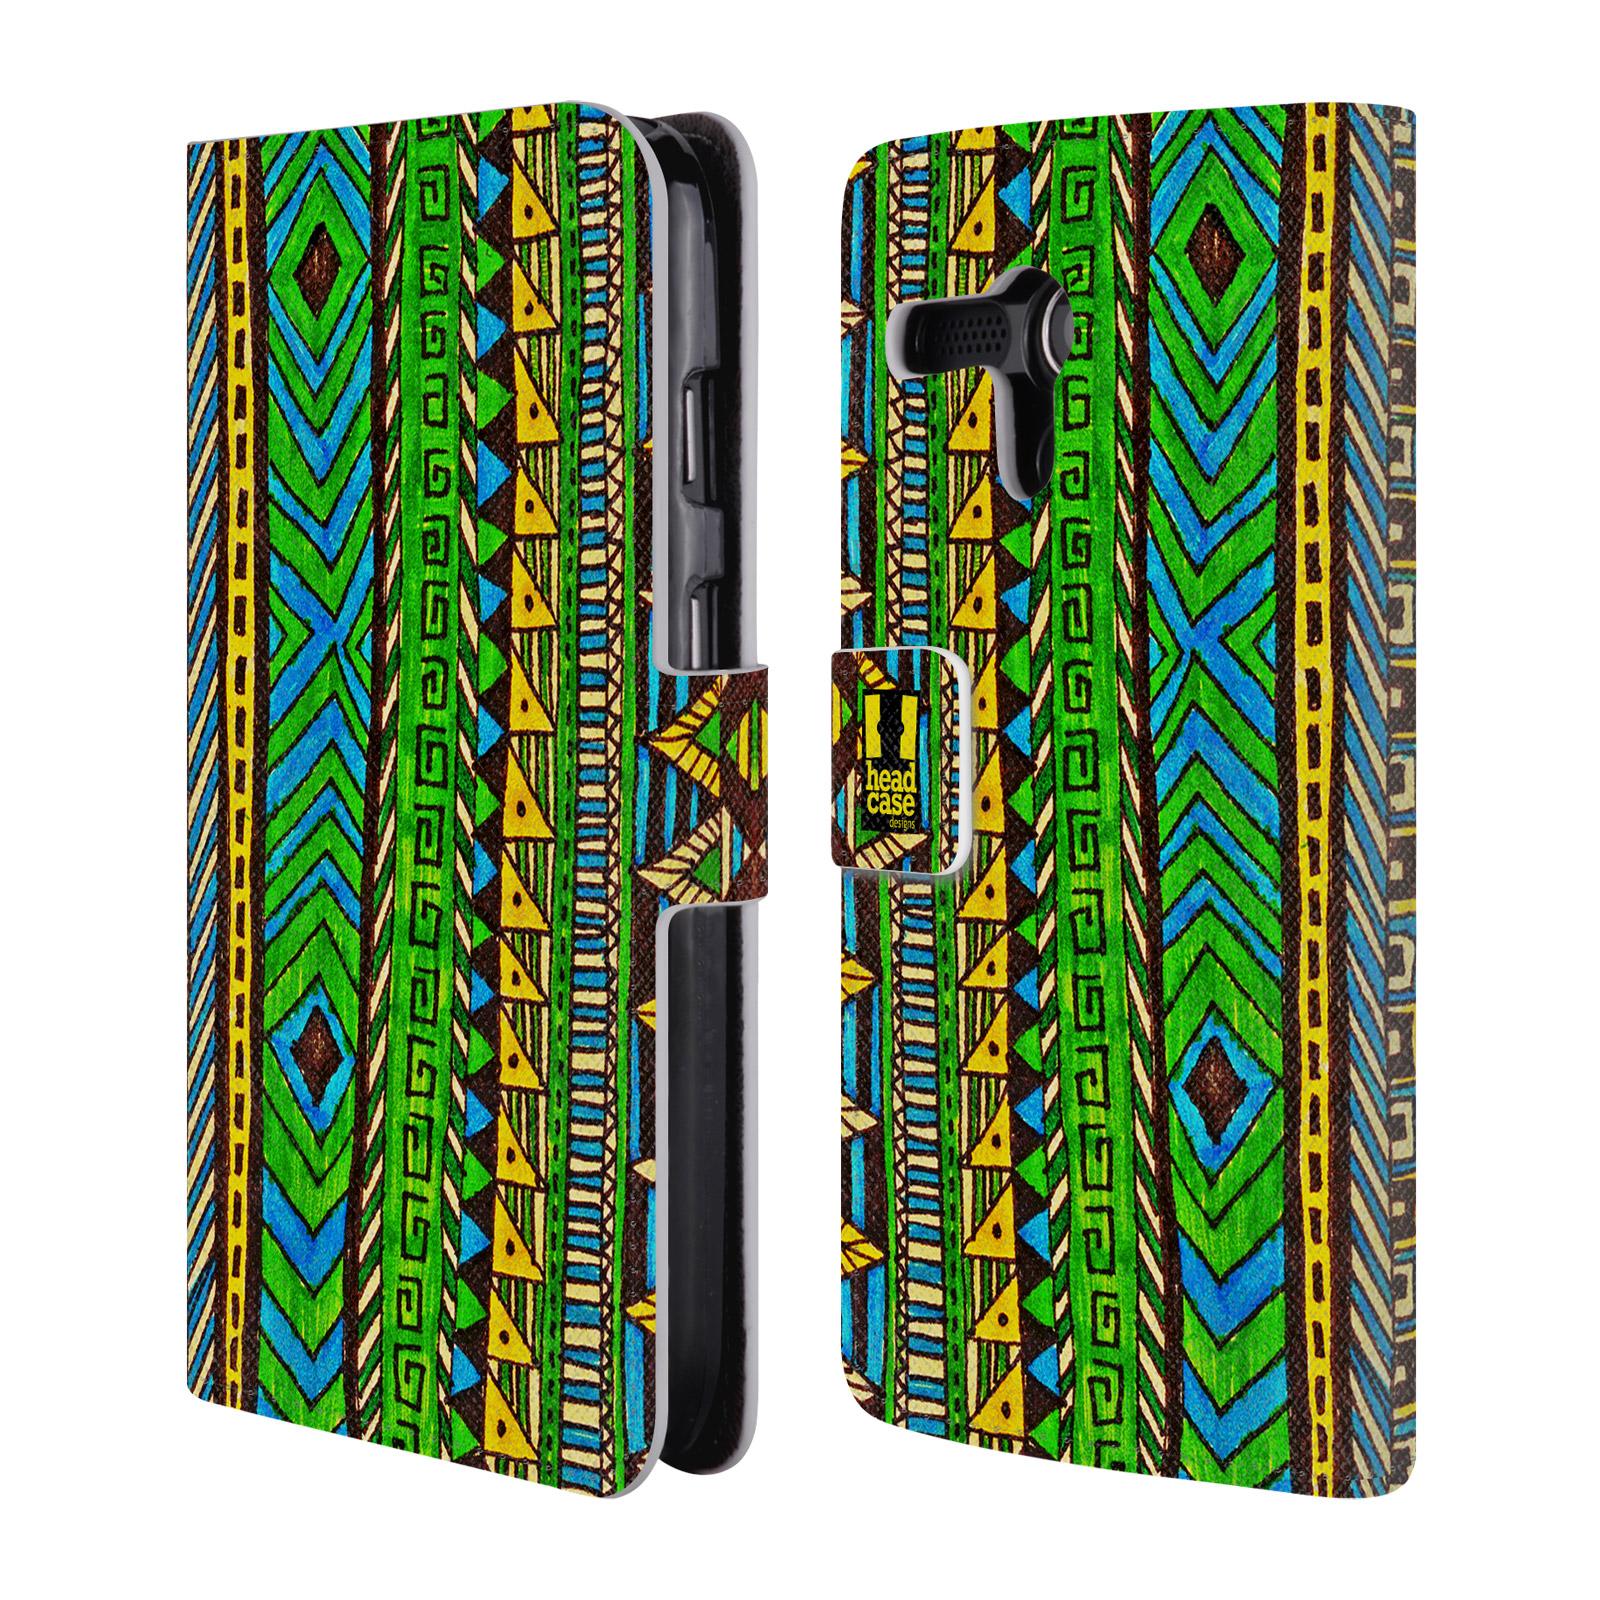 HEAD CASE Flipové pouzdro pro mobil MOTOROLA MOTO G Barevná aztécká čmáranice zelená